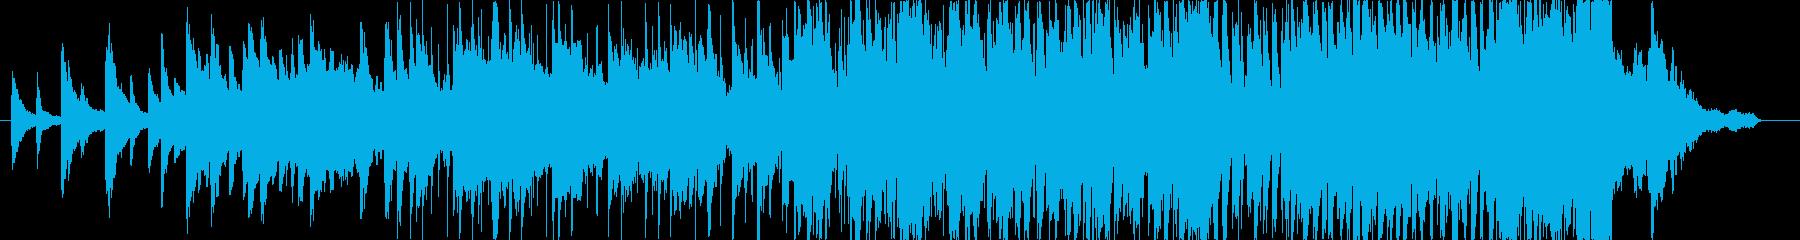 ピアノとシンセの神秘的なBGMの再生済みの波形